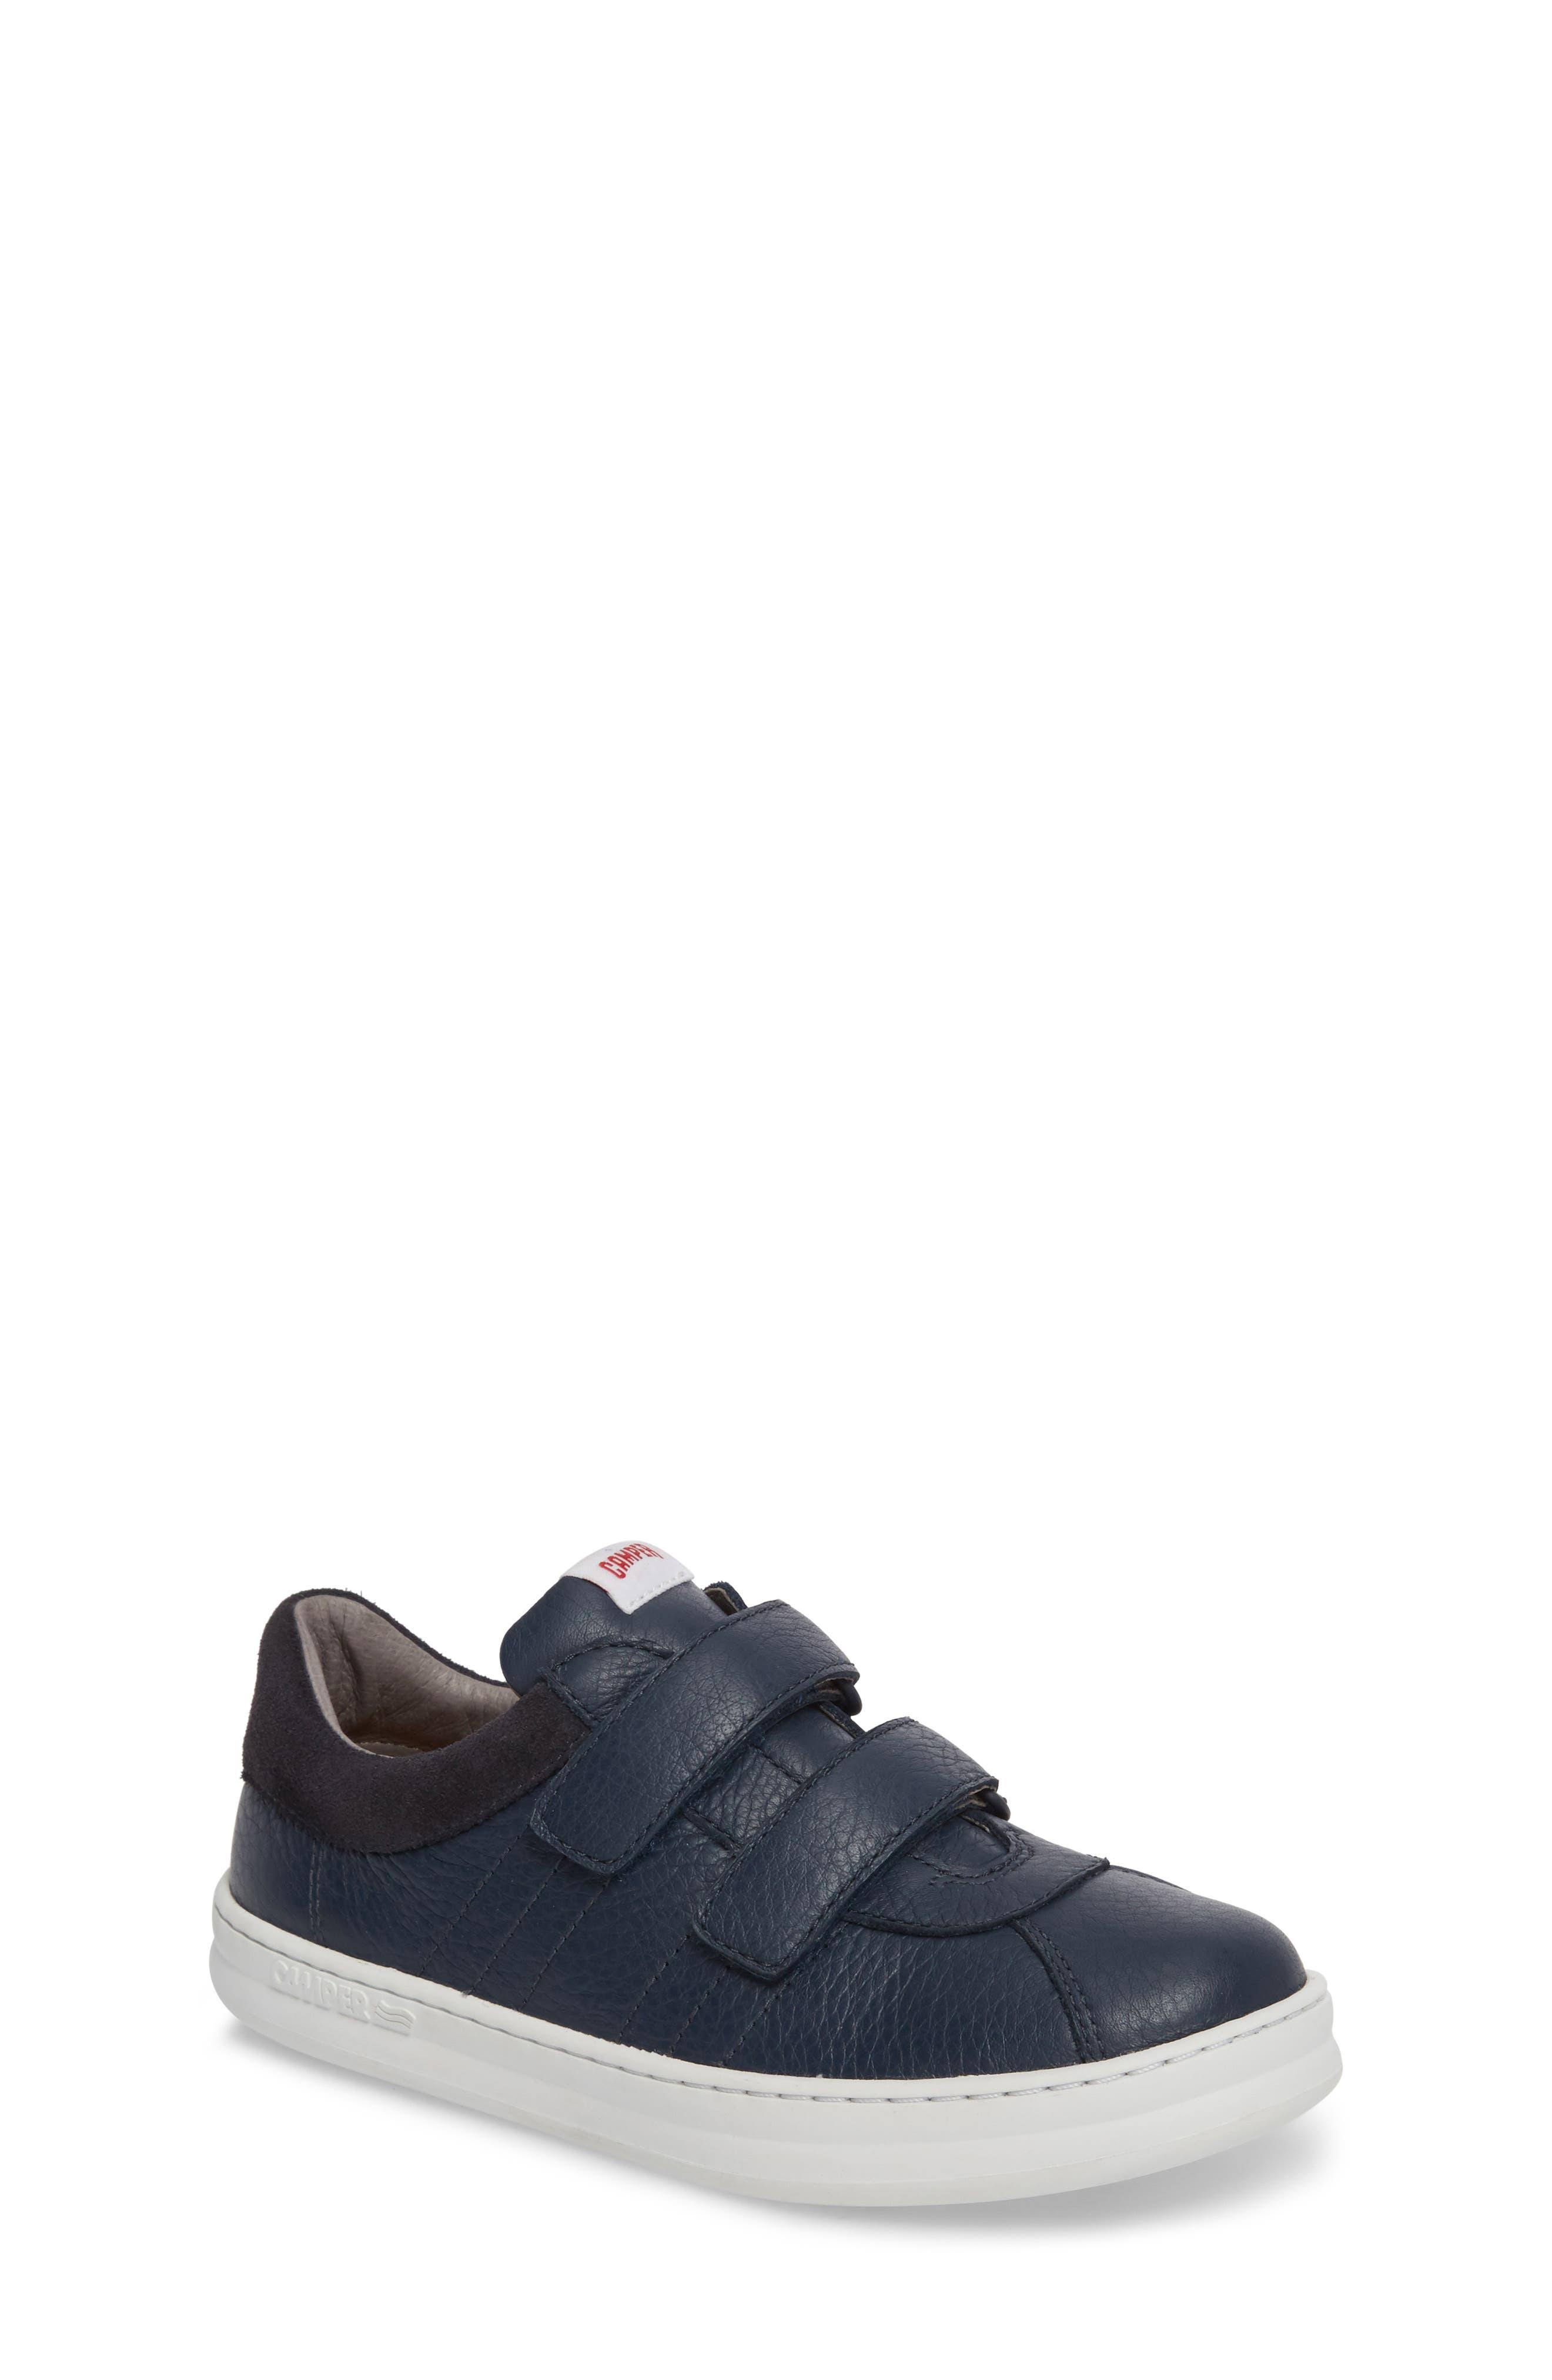 Runner Sneaker,                             Main thumbnail 1, color,                             NAVY